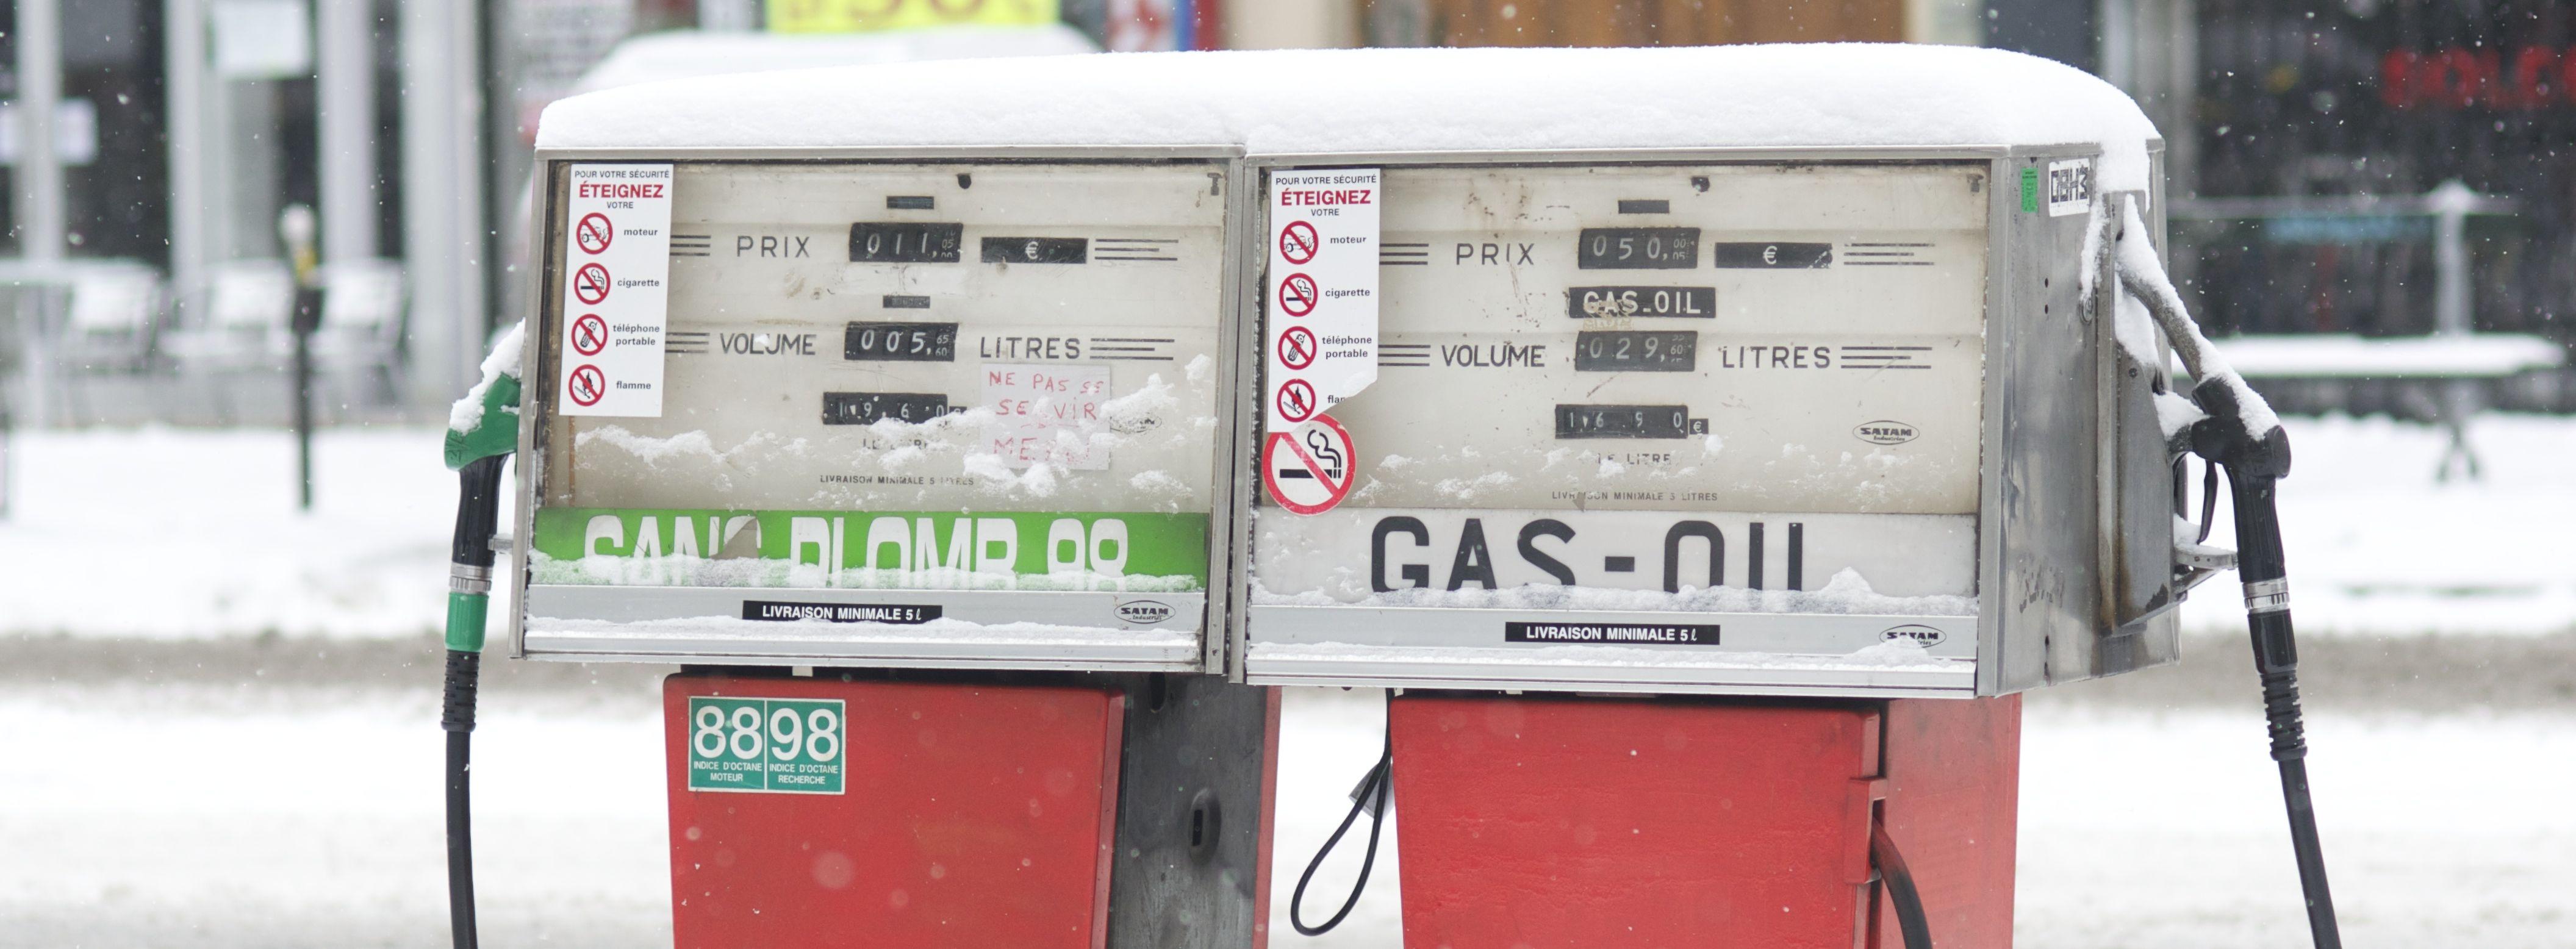 Pompes à essence sous la neige à Paris